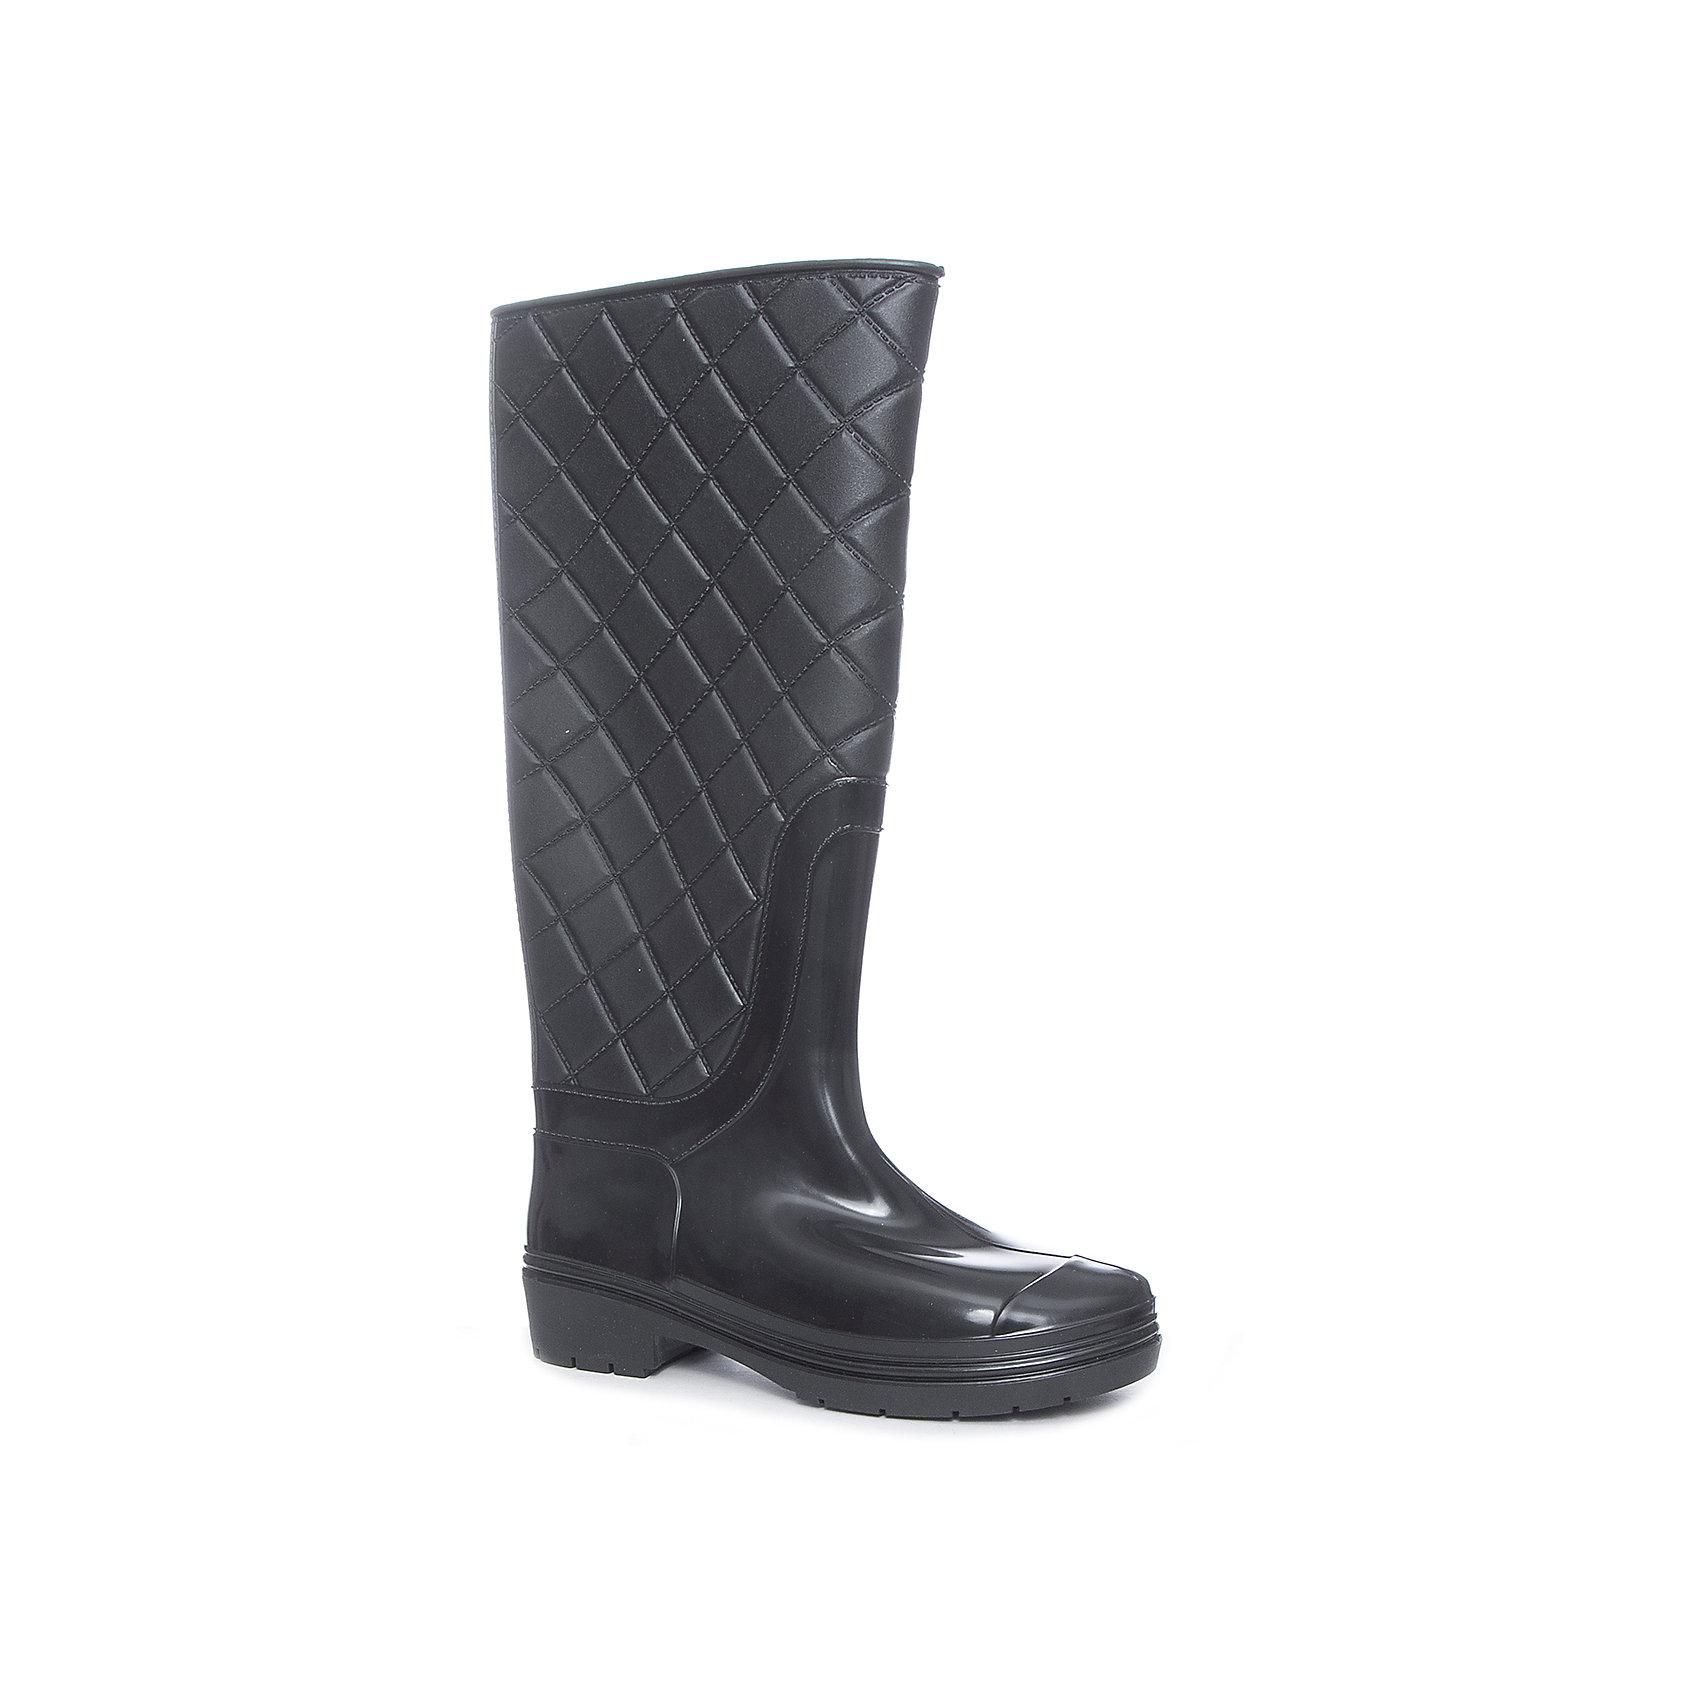 Сапоги для девочки ScoolОбувь для девочек<br>Сапоги для девочки Scool<br>Резиновые сапоги прекрасно подойдут для прогулок в дождливую погоду. Сапоги на утолщенной рифленой подошве. Модель на небольшом устойчивом каблуке. Мягкая подкладка обеспечит комфорт ногам.Преимущества: Модель на небольшом каблукеВысокая рифленая подошваМодель на мягкой подкладке<br>Состав:<br>Верх:100%поливинилхлорид;Подкладка:100%нейлон;Подошва:100%поливинилхлорид<br><br>Ширина мм: 257<br>Глубина мм: 180<br>Высота мм: 130<br>Вес г: 420<br>Цвет: черный<br>Возраст от месяцев: 168<br>Возраст до месяцев: 192<br>Пол: Женский<br>Возраст: Детский<br>Размер: 40,36,37,38,39<br>SKU: 5407161